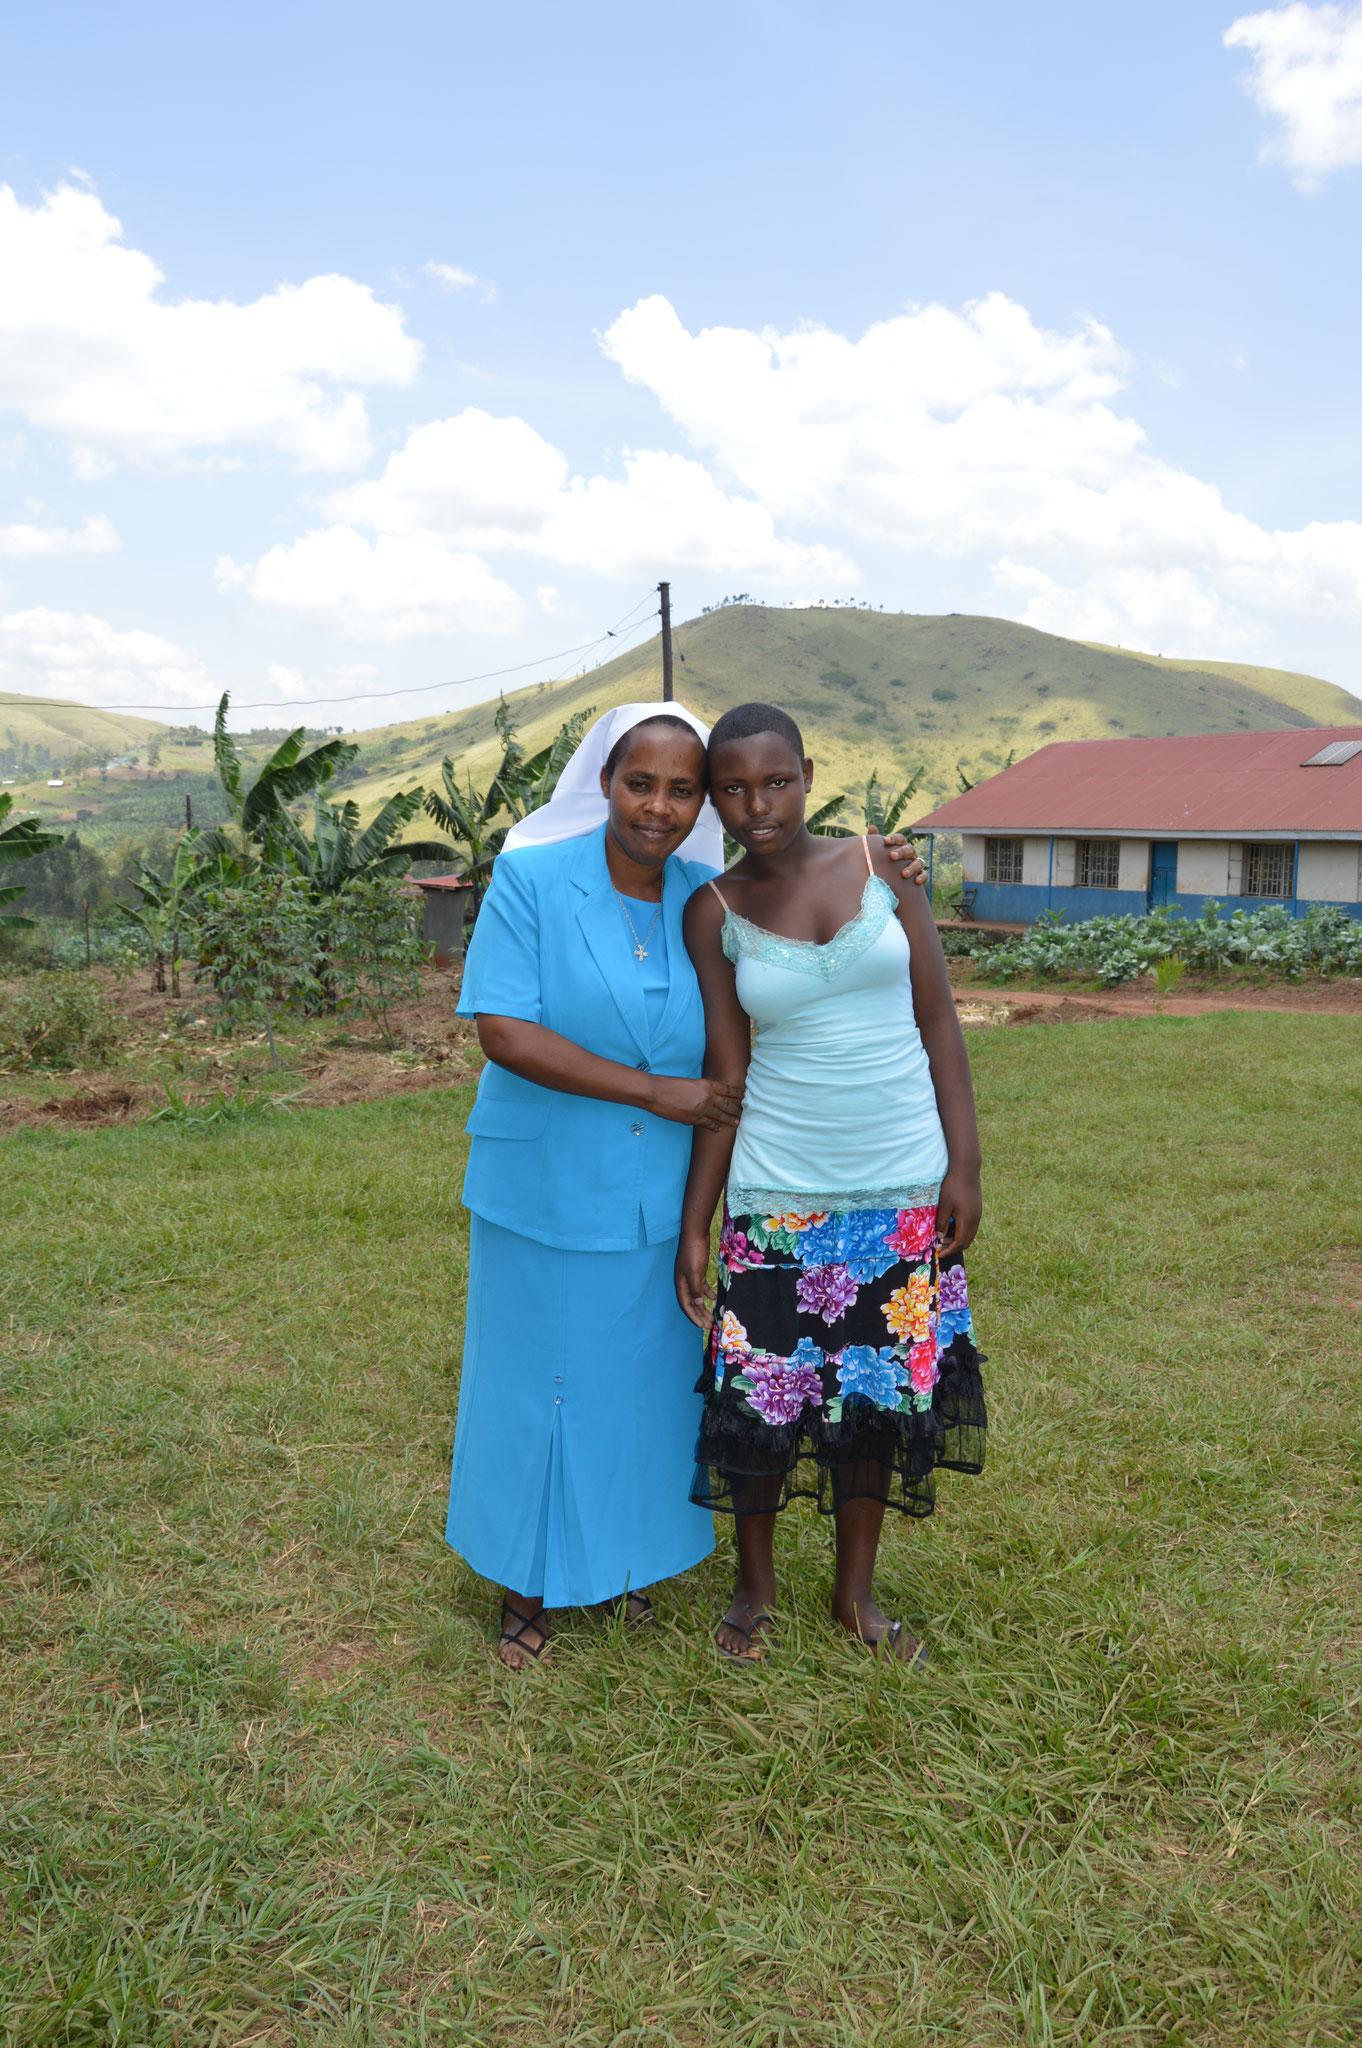 Sister Josephine mit einem Mädchen, die 'Aufgrund von Vergewaltigung ein Baby bekommen hat und nun lange gefehlt hat. Wir freuen uns, dass sie nun wieder die Schule besuchen kann und ihre Eltern auf das kleine Mädchen aufpassen.